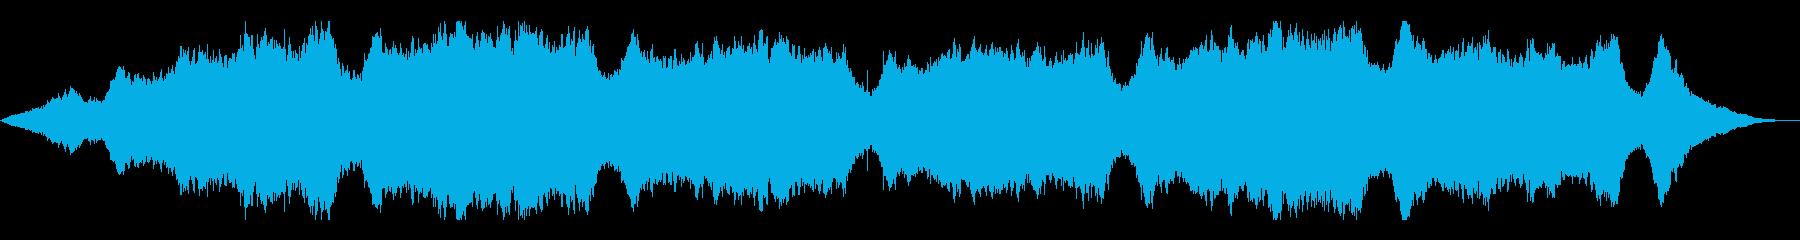 モダン 実験的 アンビエント テク...の再生済みの波形